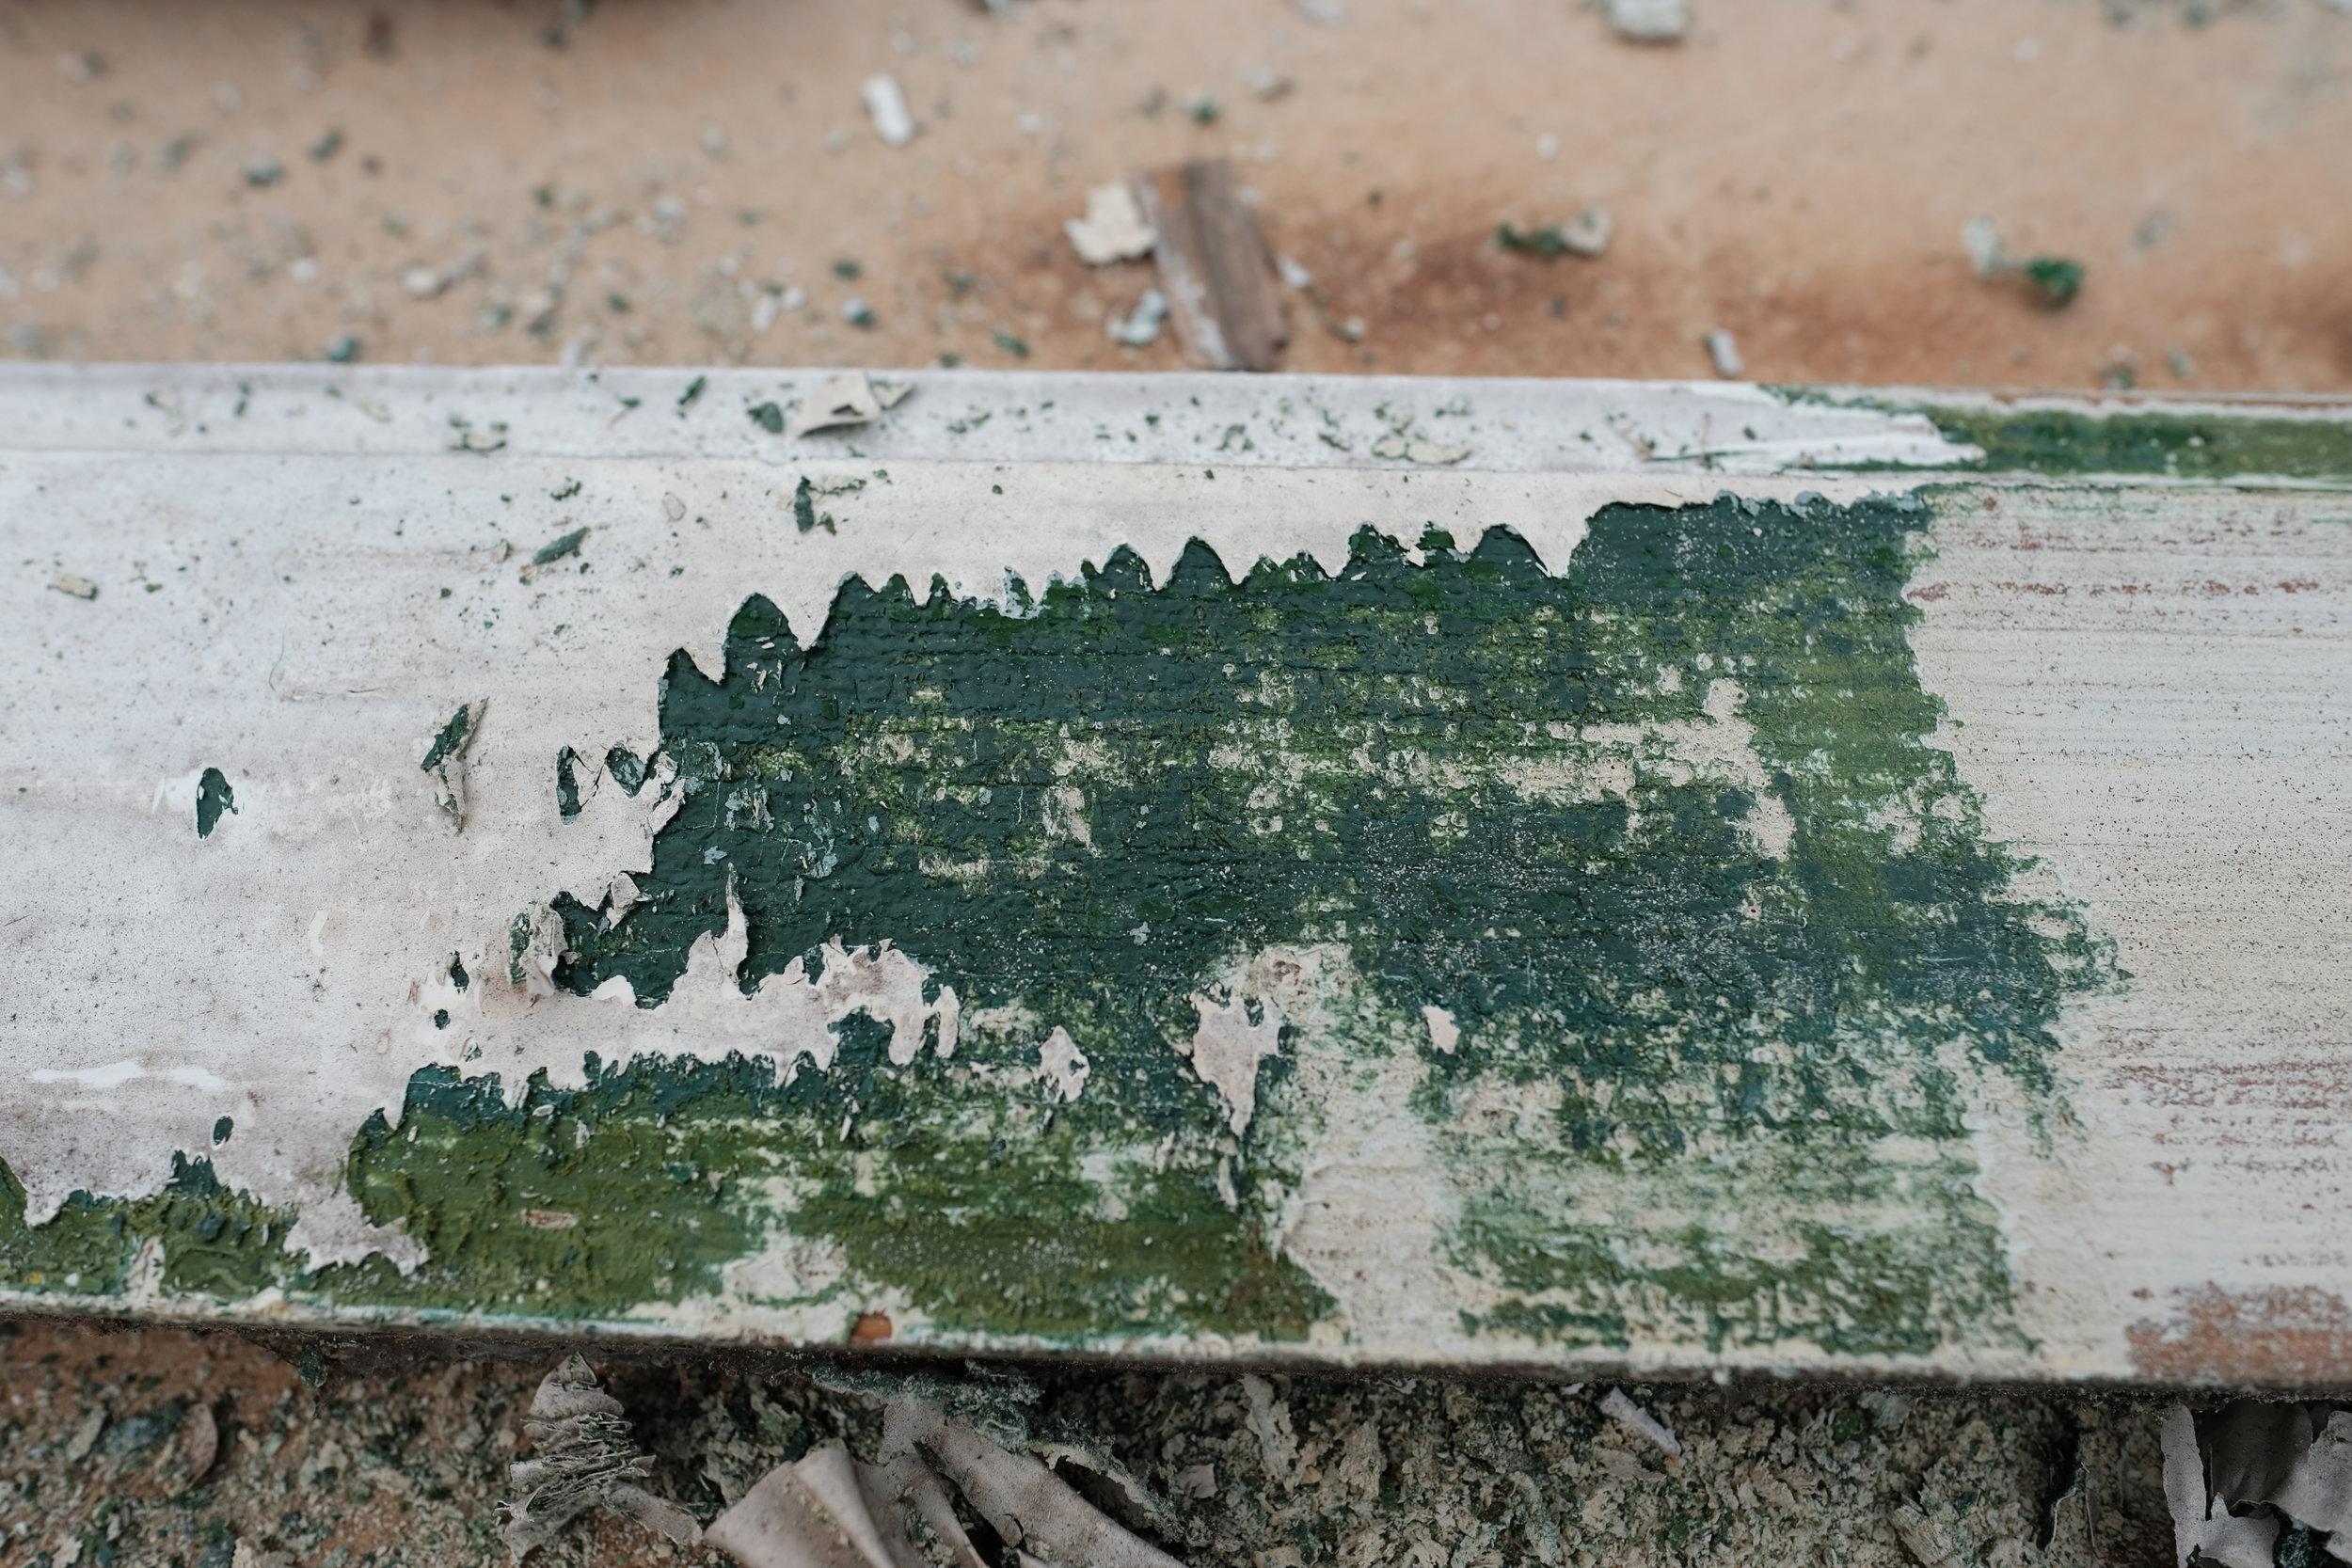 Me fann spor av at vindaugslistene har vore grøne tidlegare. Det visste me eigentleg frå før. Men me kjem nok til å svikta den grøne trenden, og går for heilkvitt hus slik det har vore i den seinaste tida.